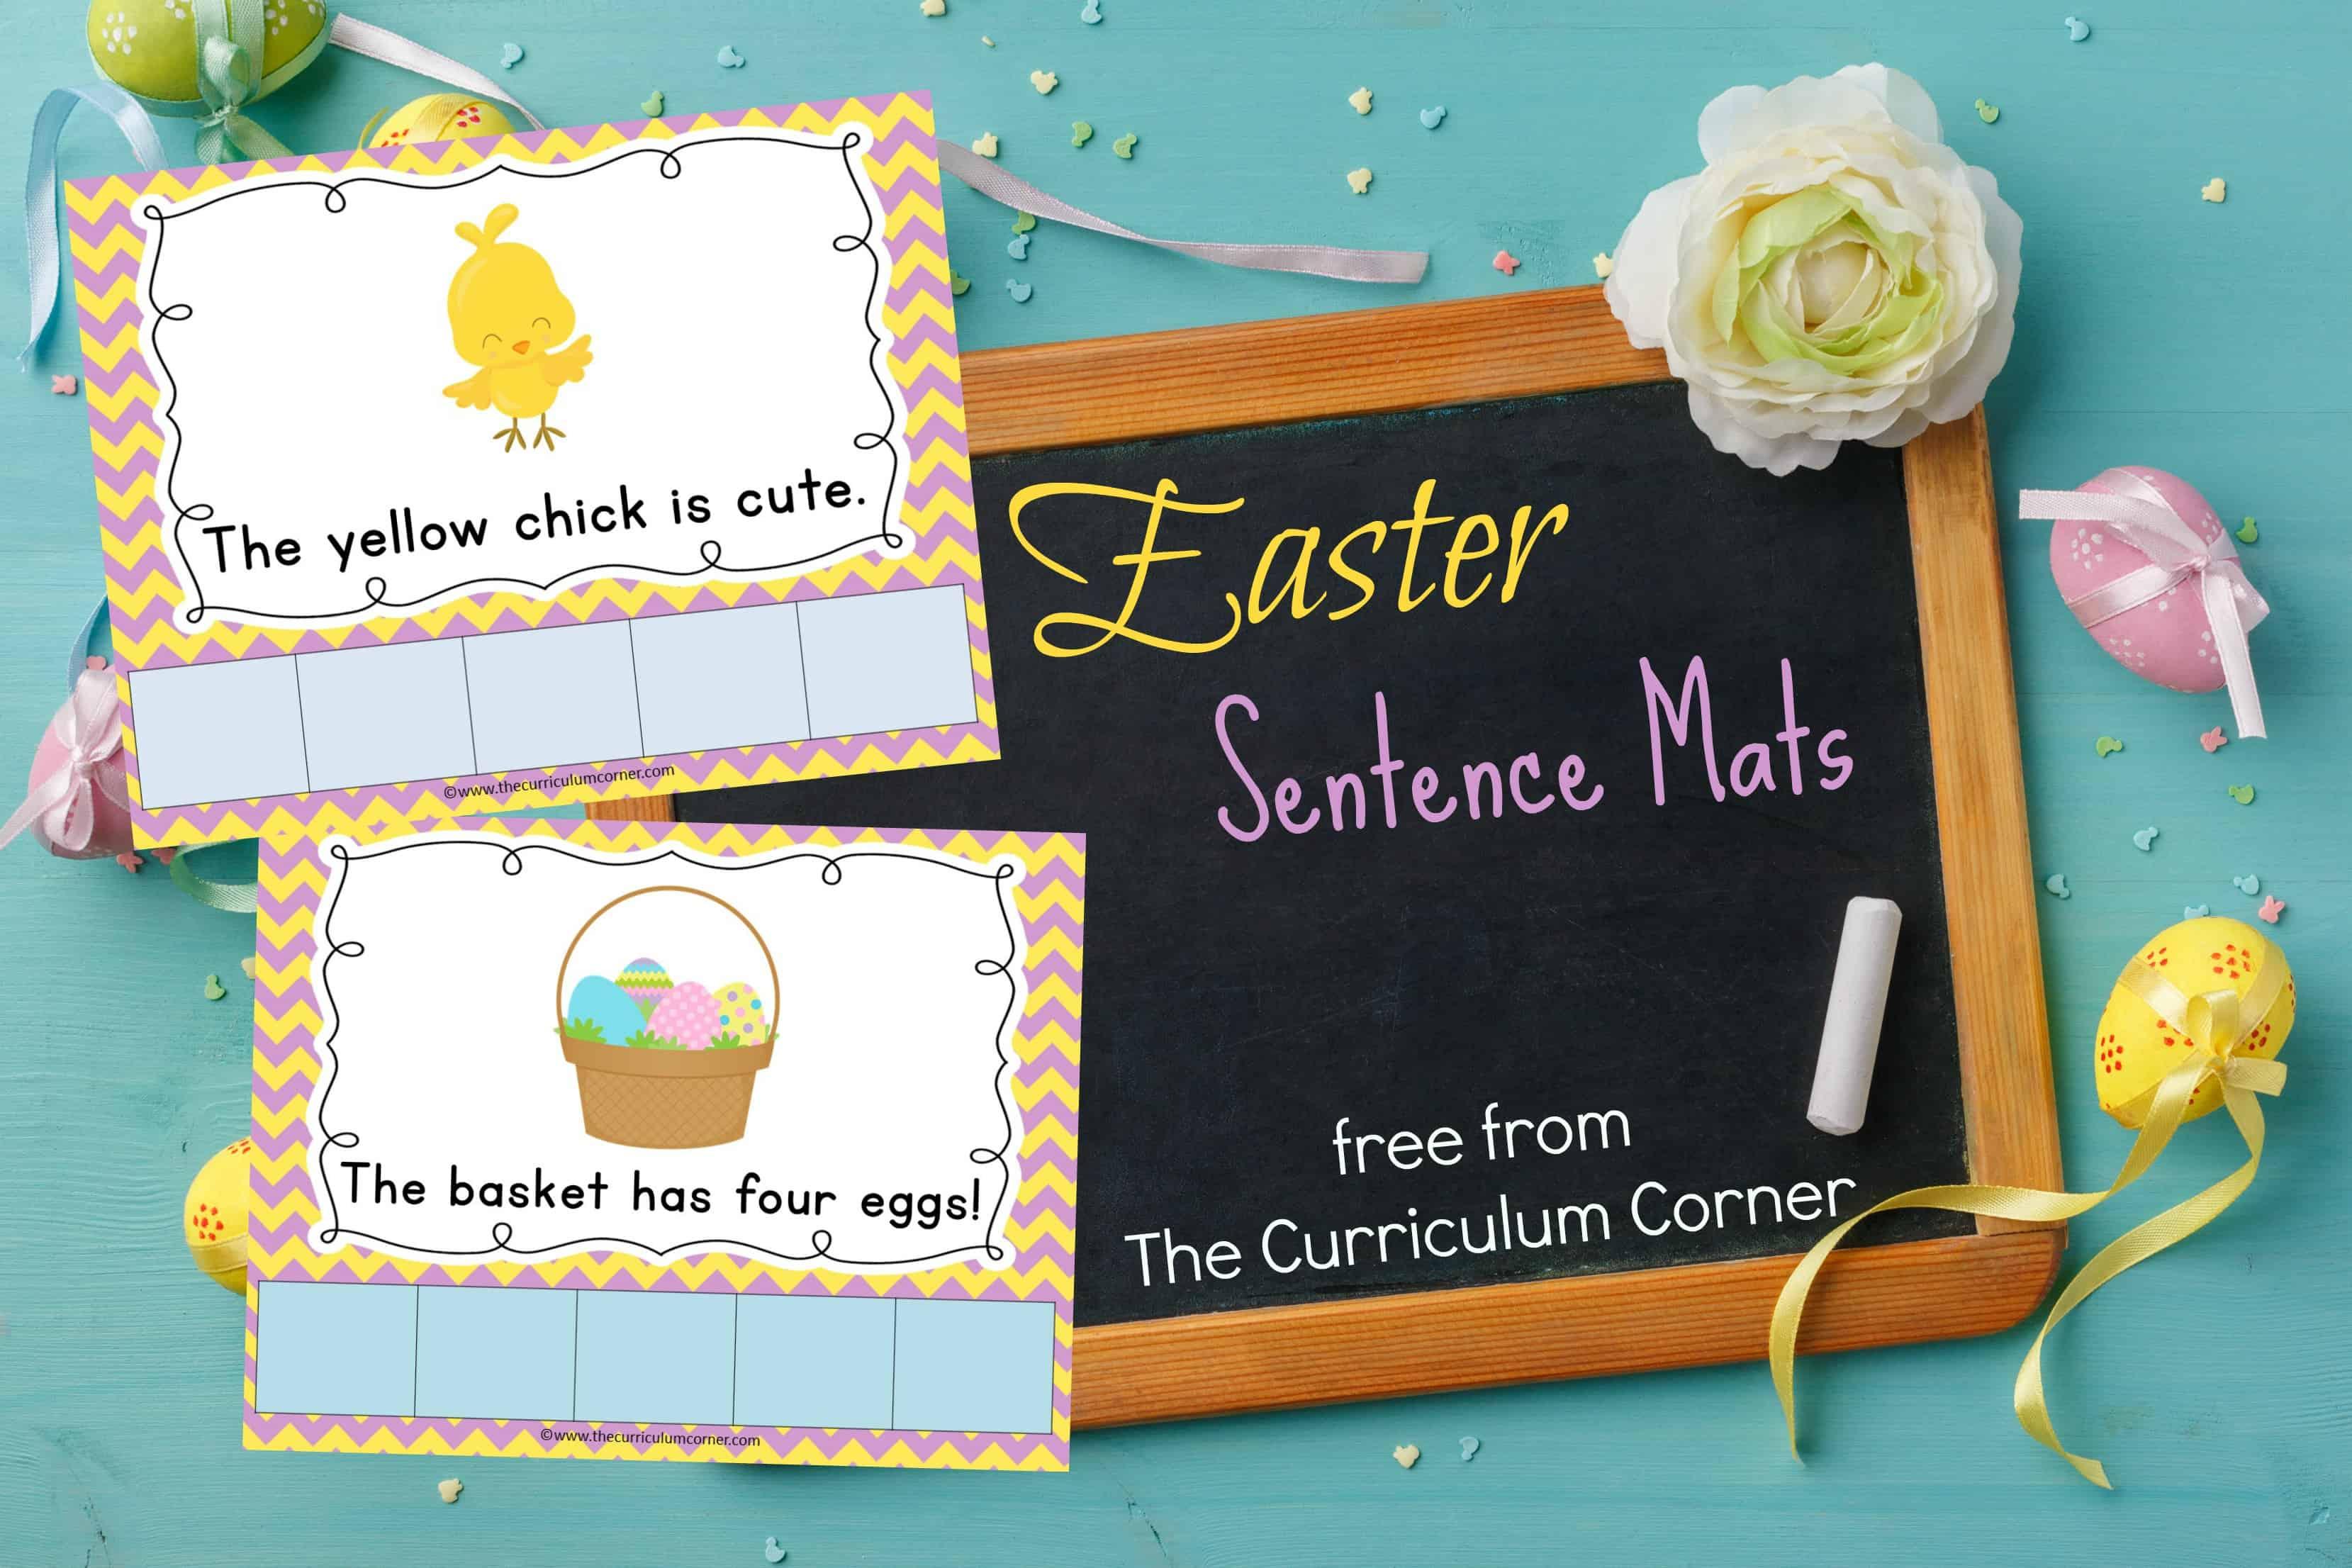 Easter Scrambled Sentence Mats